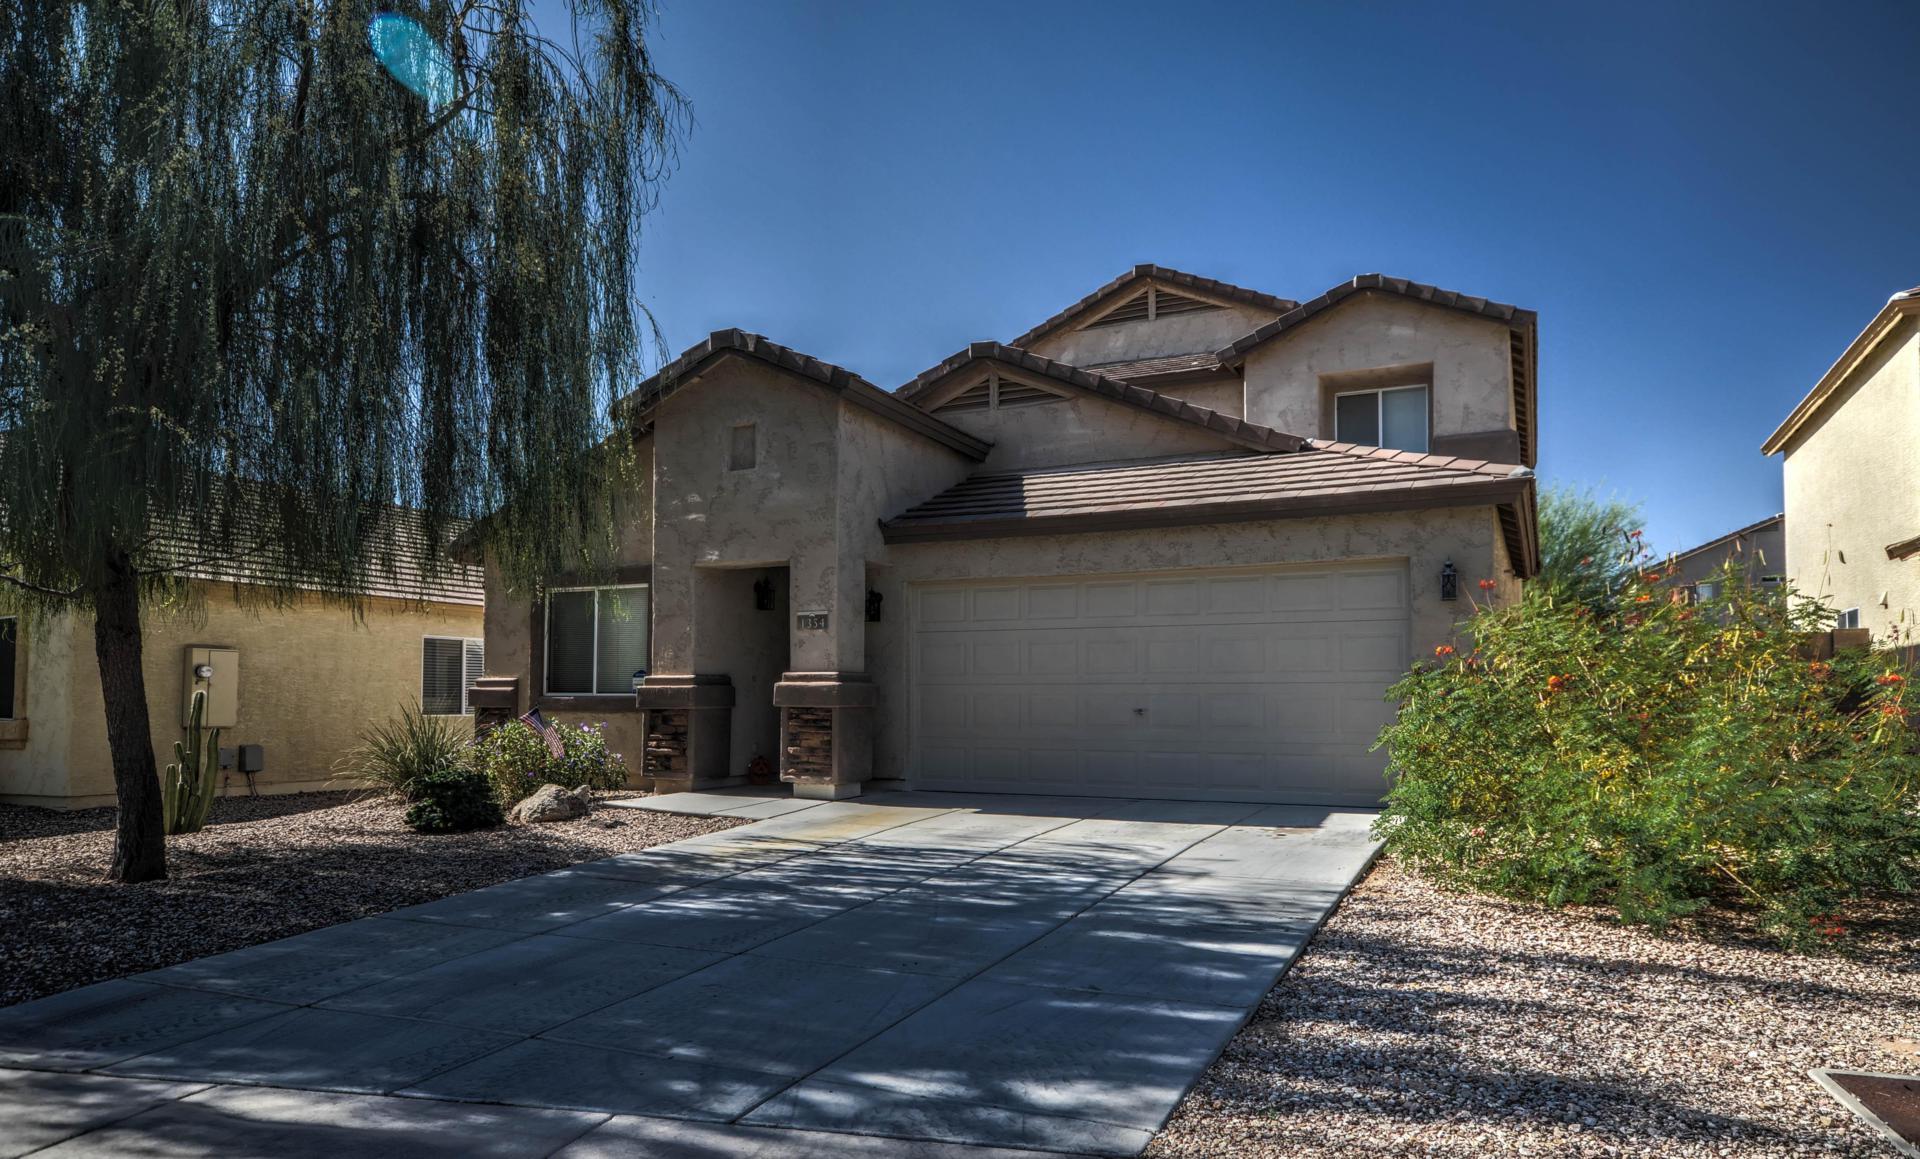 1354 W 222nd Drive Sundance Buckeye Home For Sale